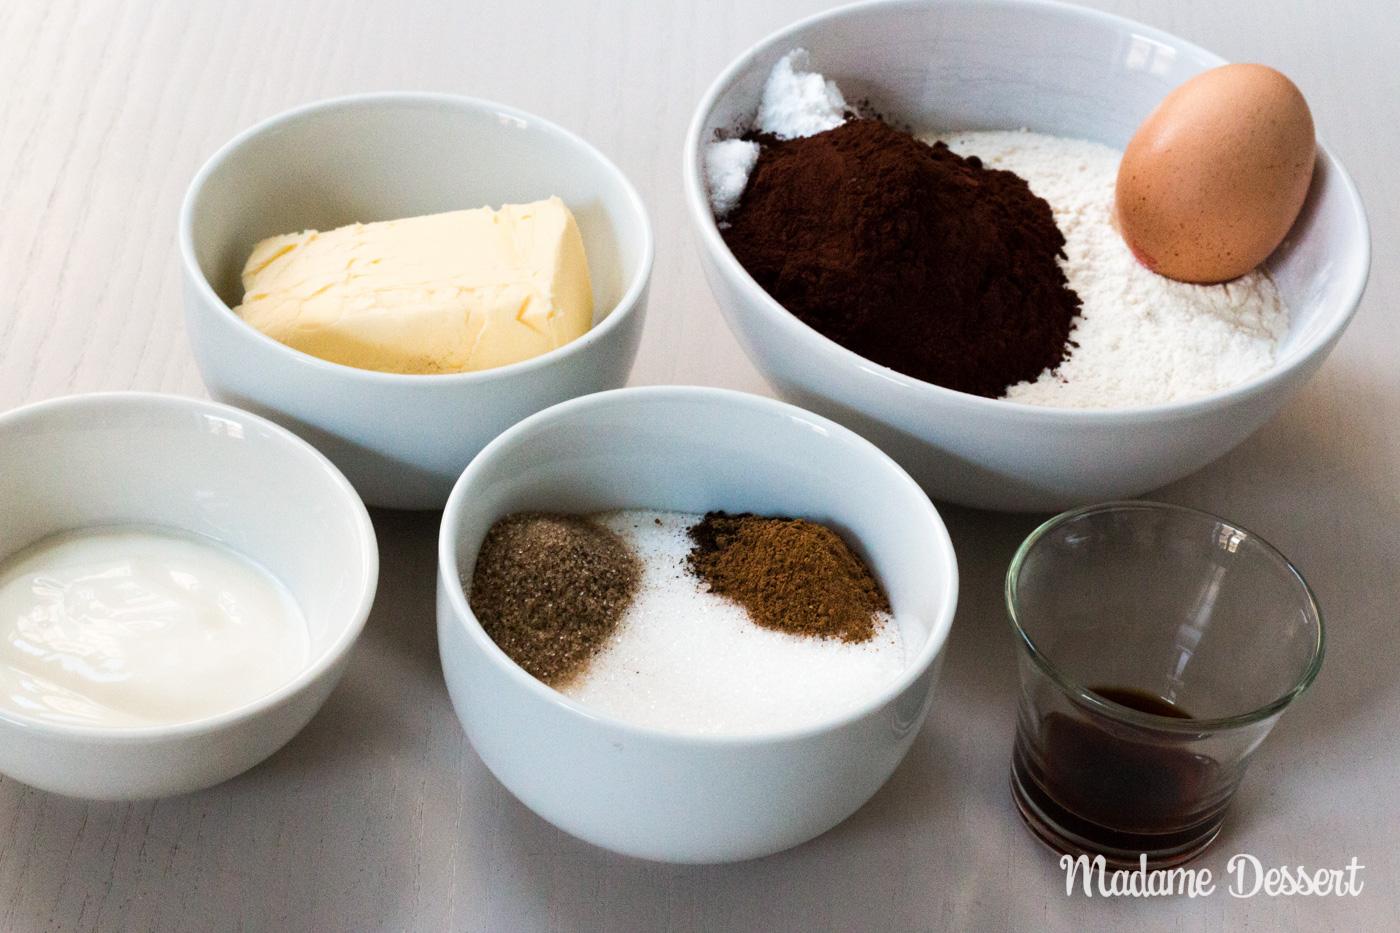 Fledermaushappen und Grabkreuzkekse | Madame Dessert